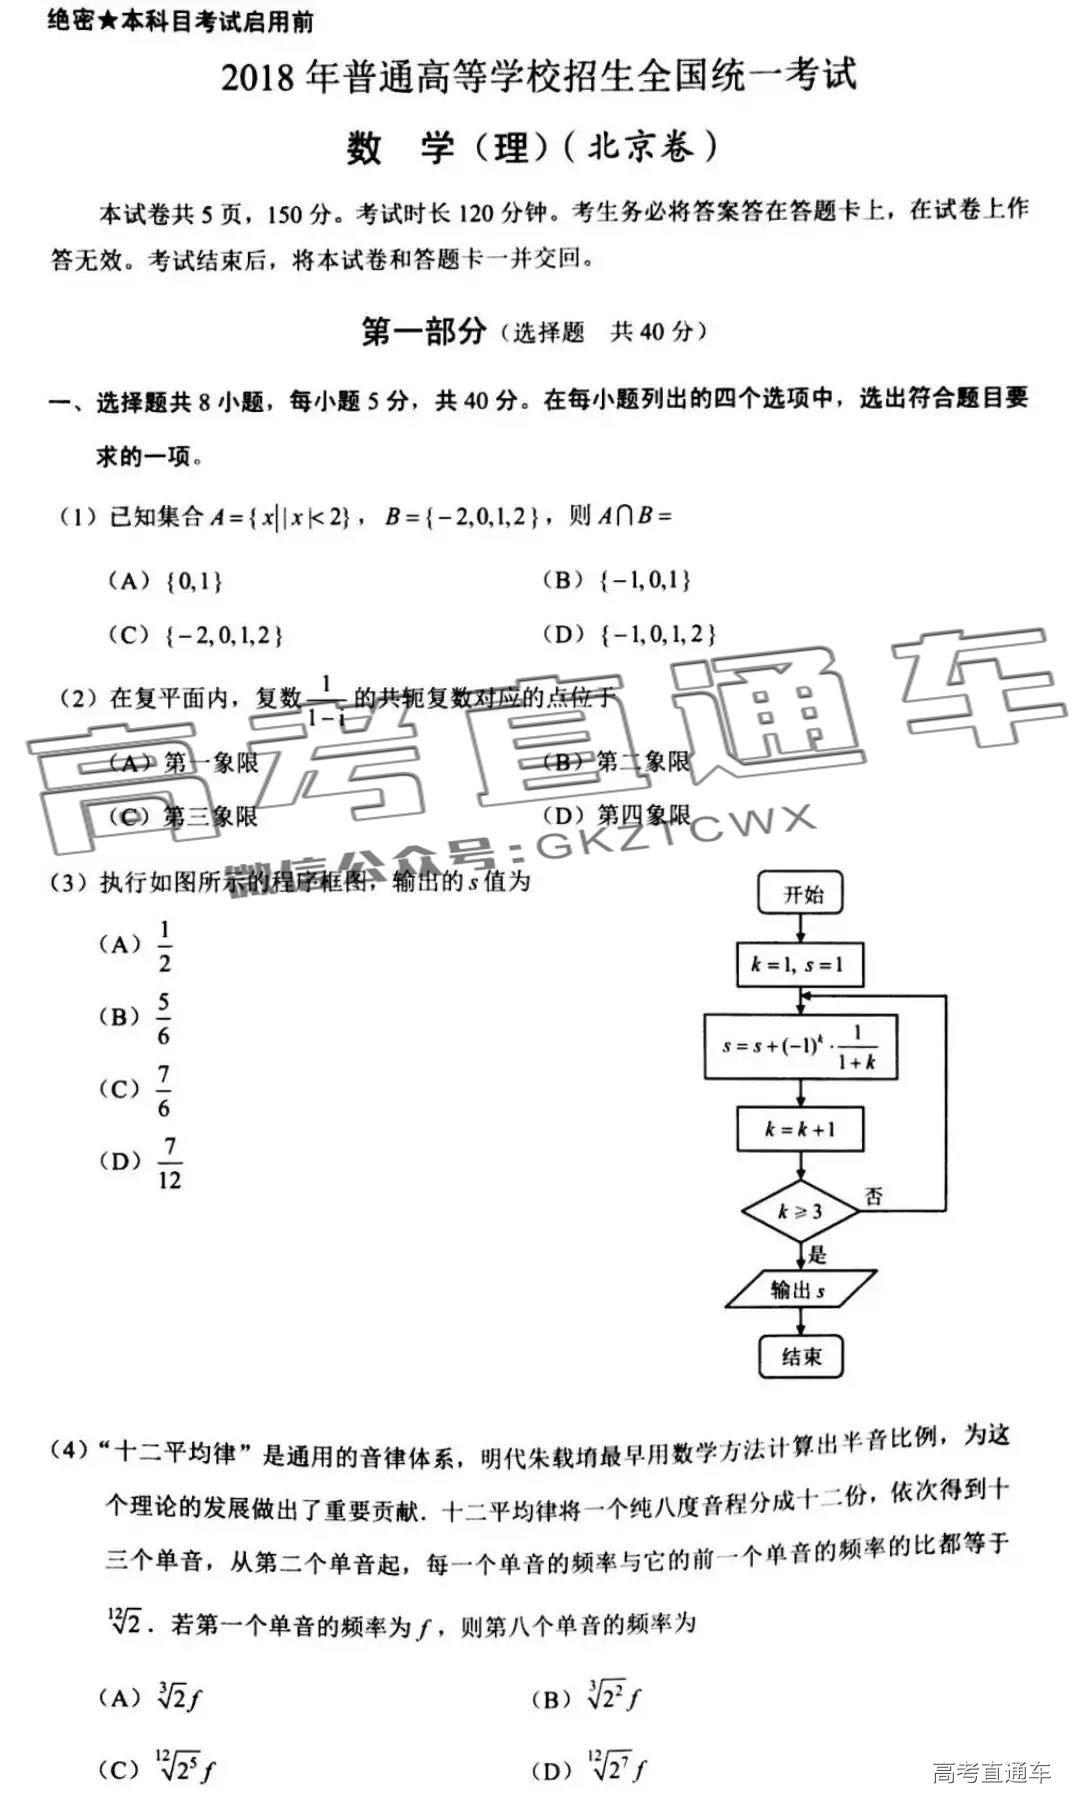 北京理数1.jpg